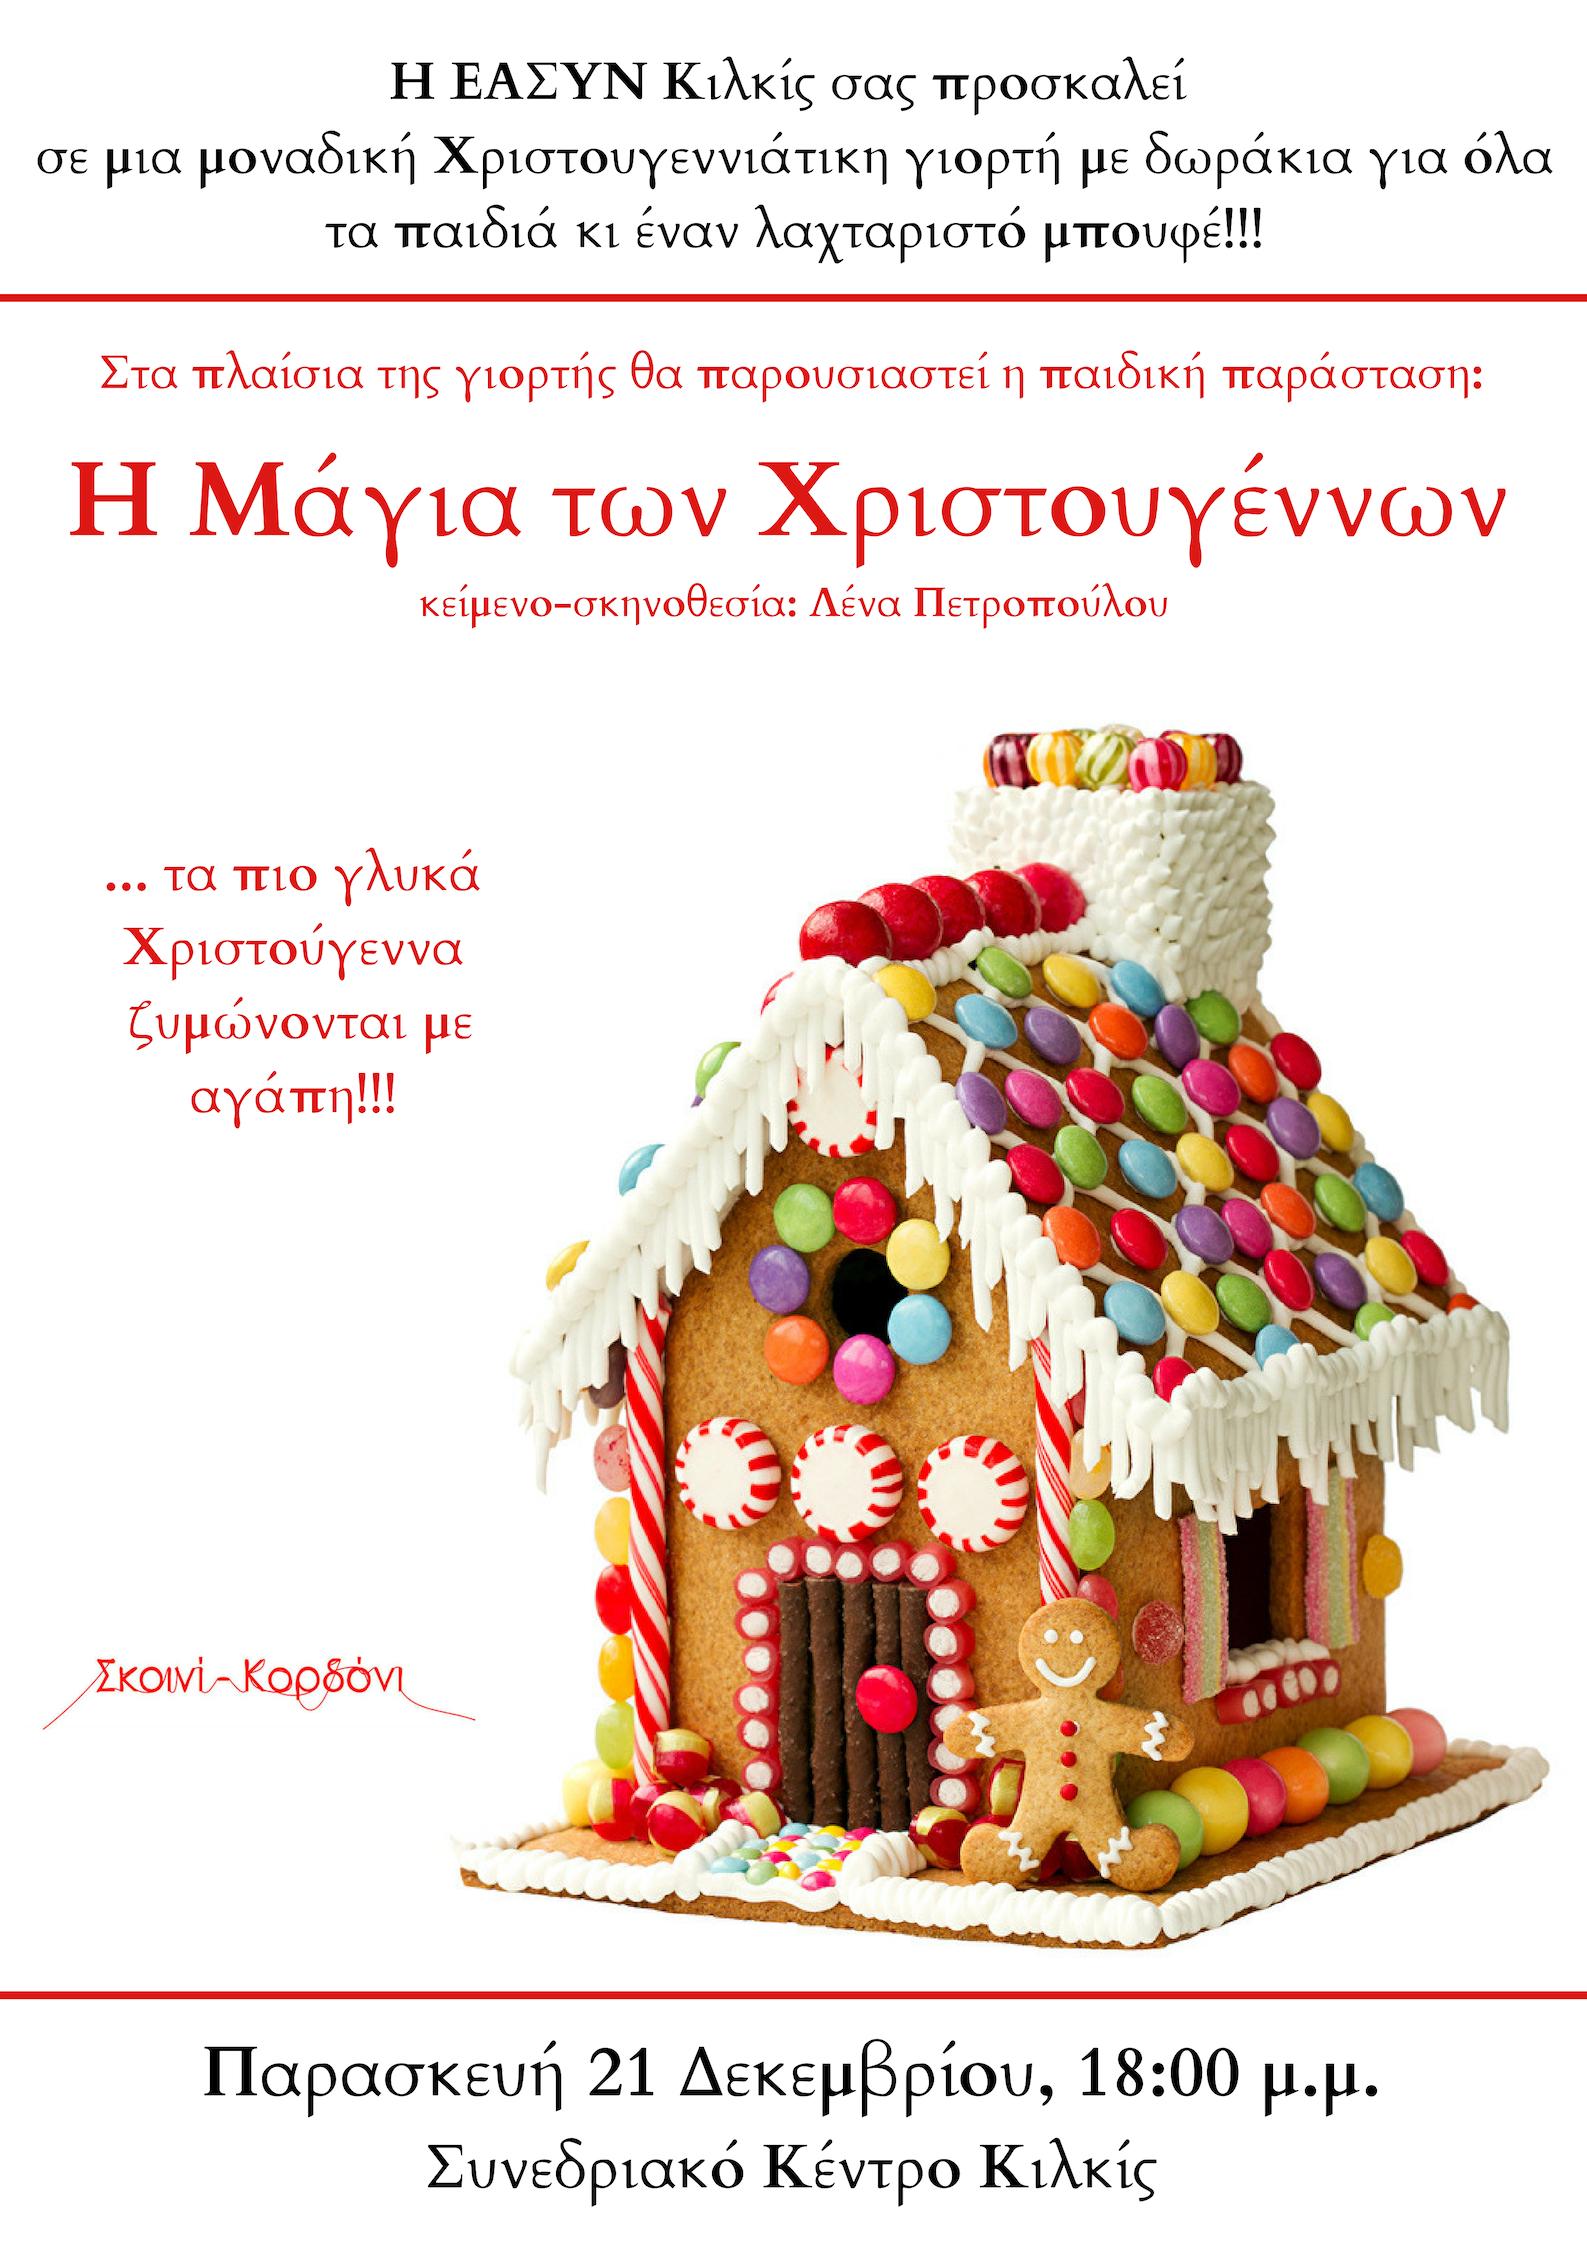 Εκδήλωση παιδικής εορτής Χριστουγέννων της Ε.ΑΣ.Υ.Ν.Κιλκίς σε συνεργασία με την Δ.Α Κιλκίς!!!!!!!!!